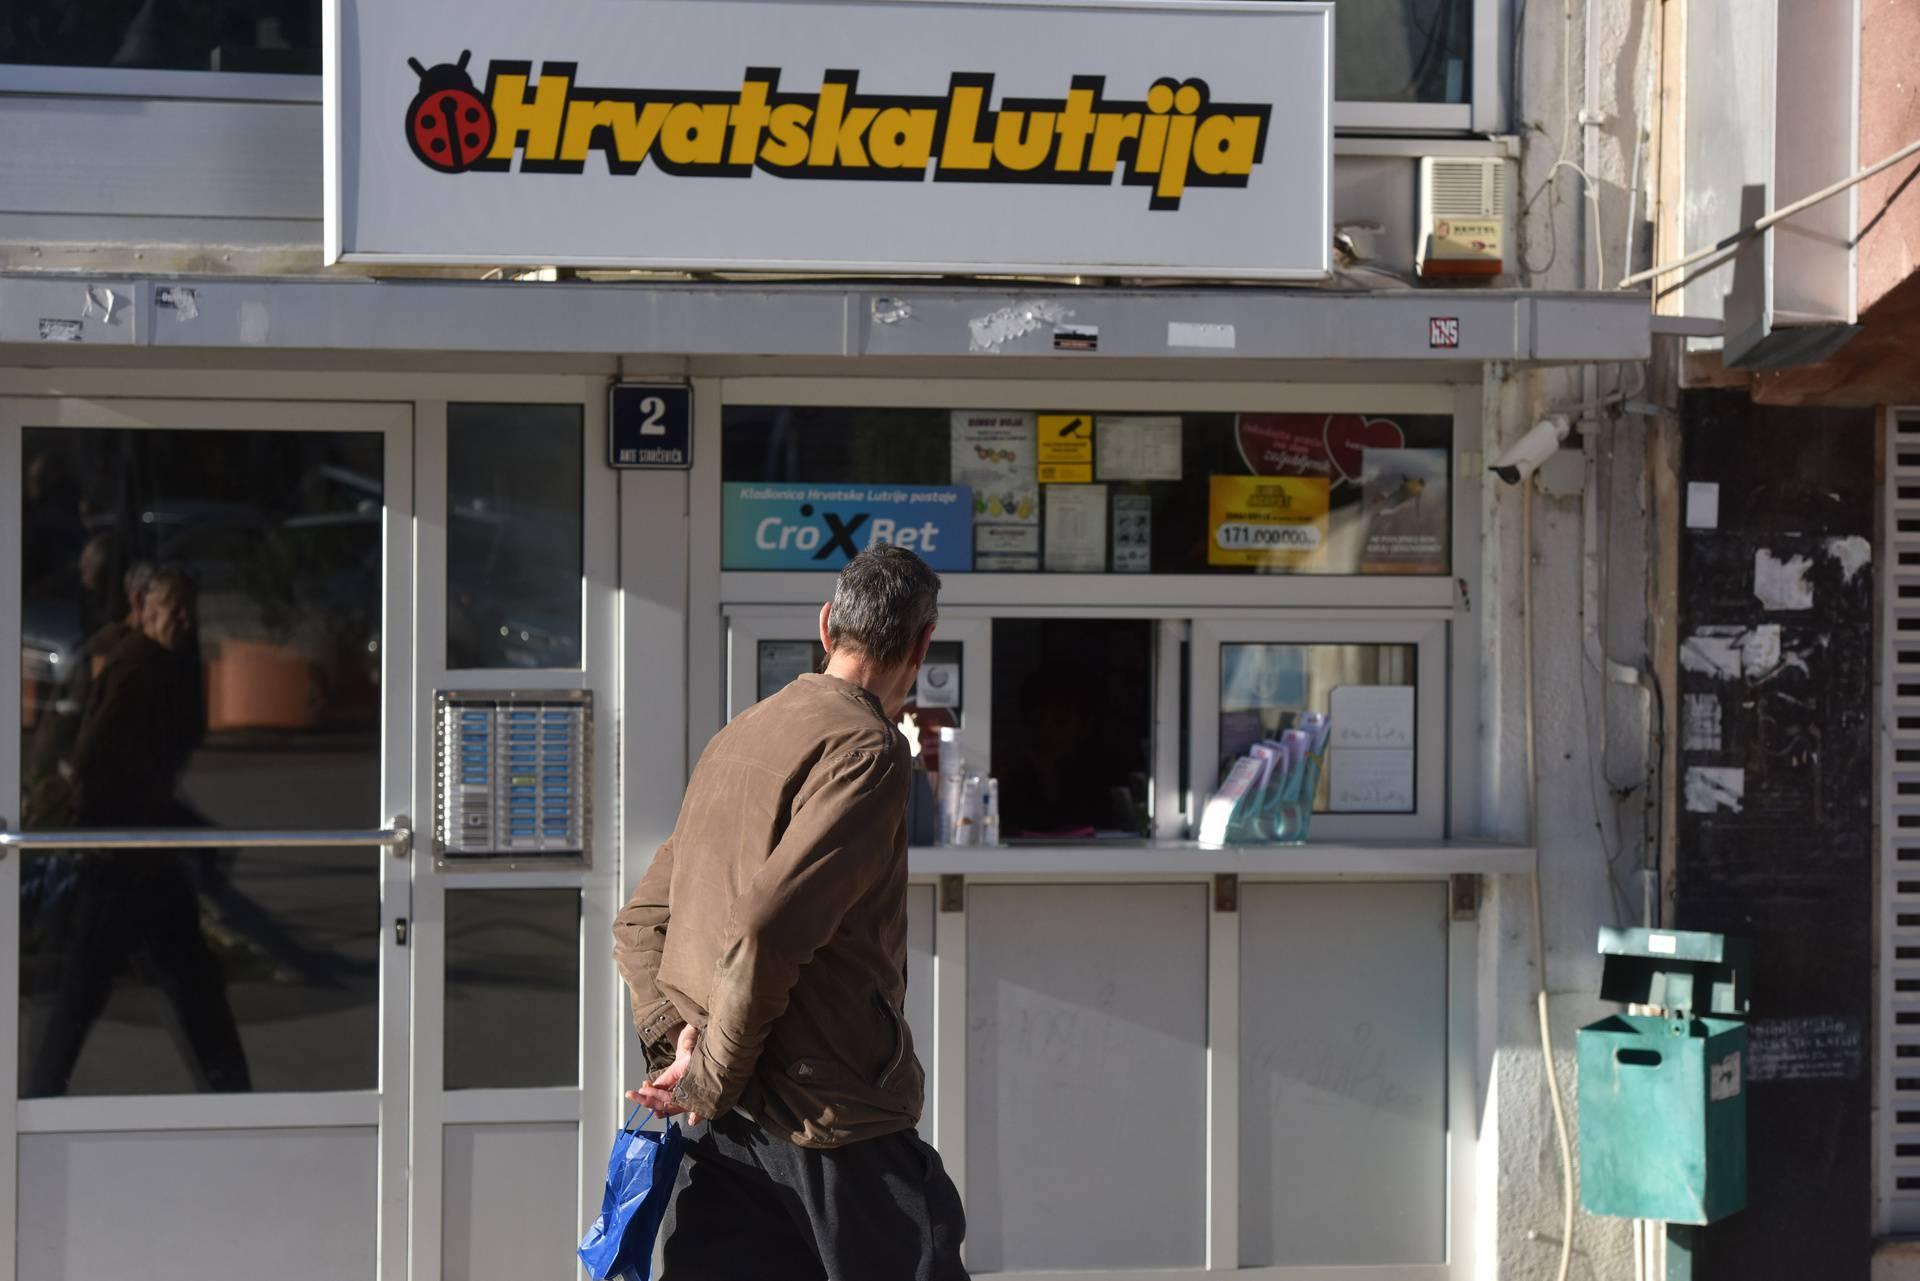 Šibenik: Prodajno mjesto Hrvatske lutrije na kojem je uplaćen dobitni listić Eurojackpota